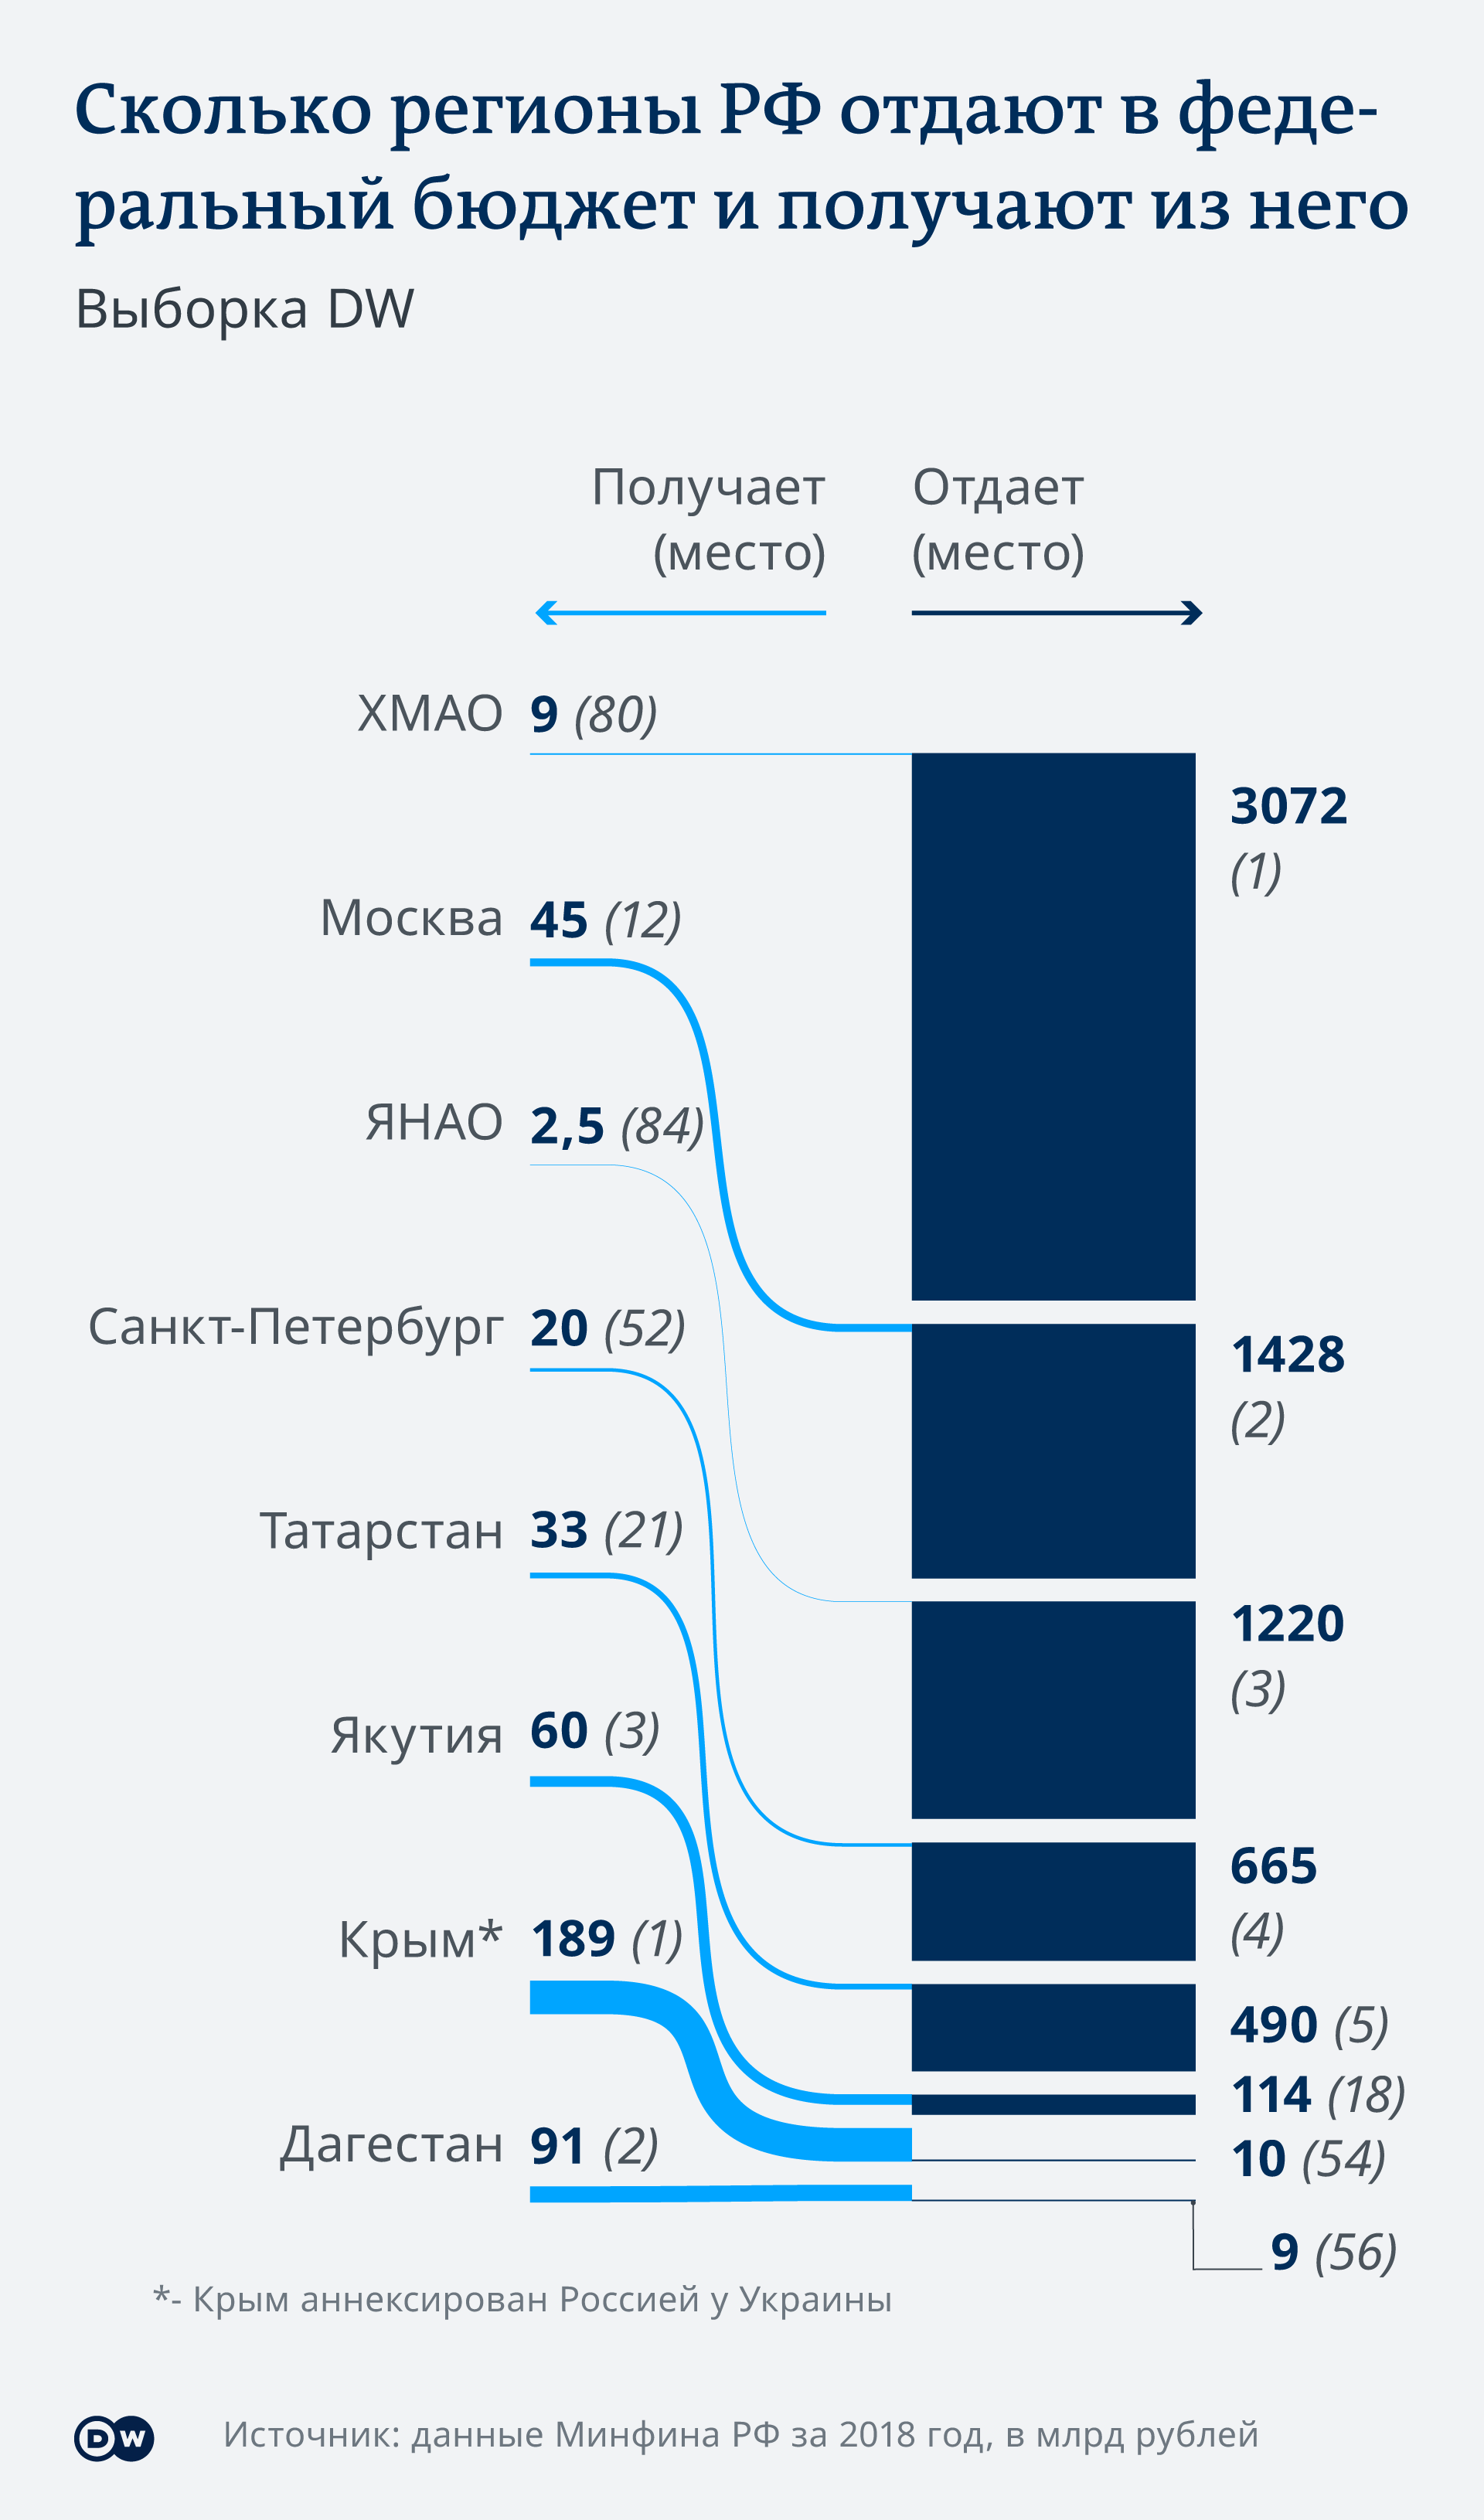 Infografik Wie viel Geld geben die Regionen in den Staatsetat und wie viel bekommen sie zurück RU